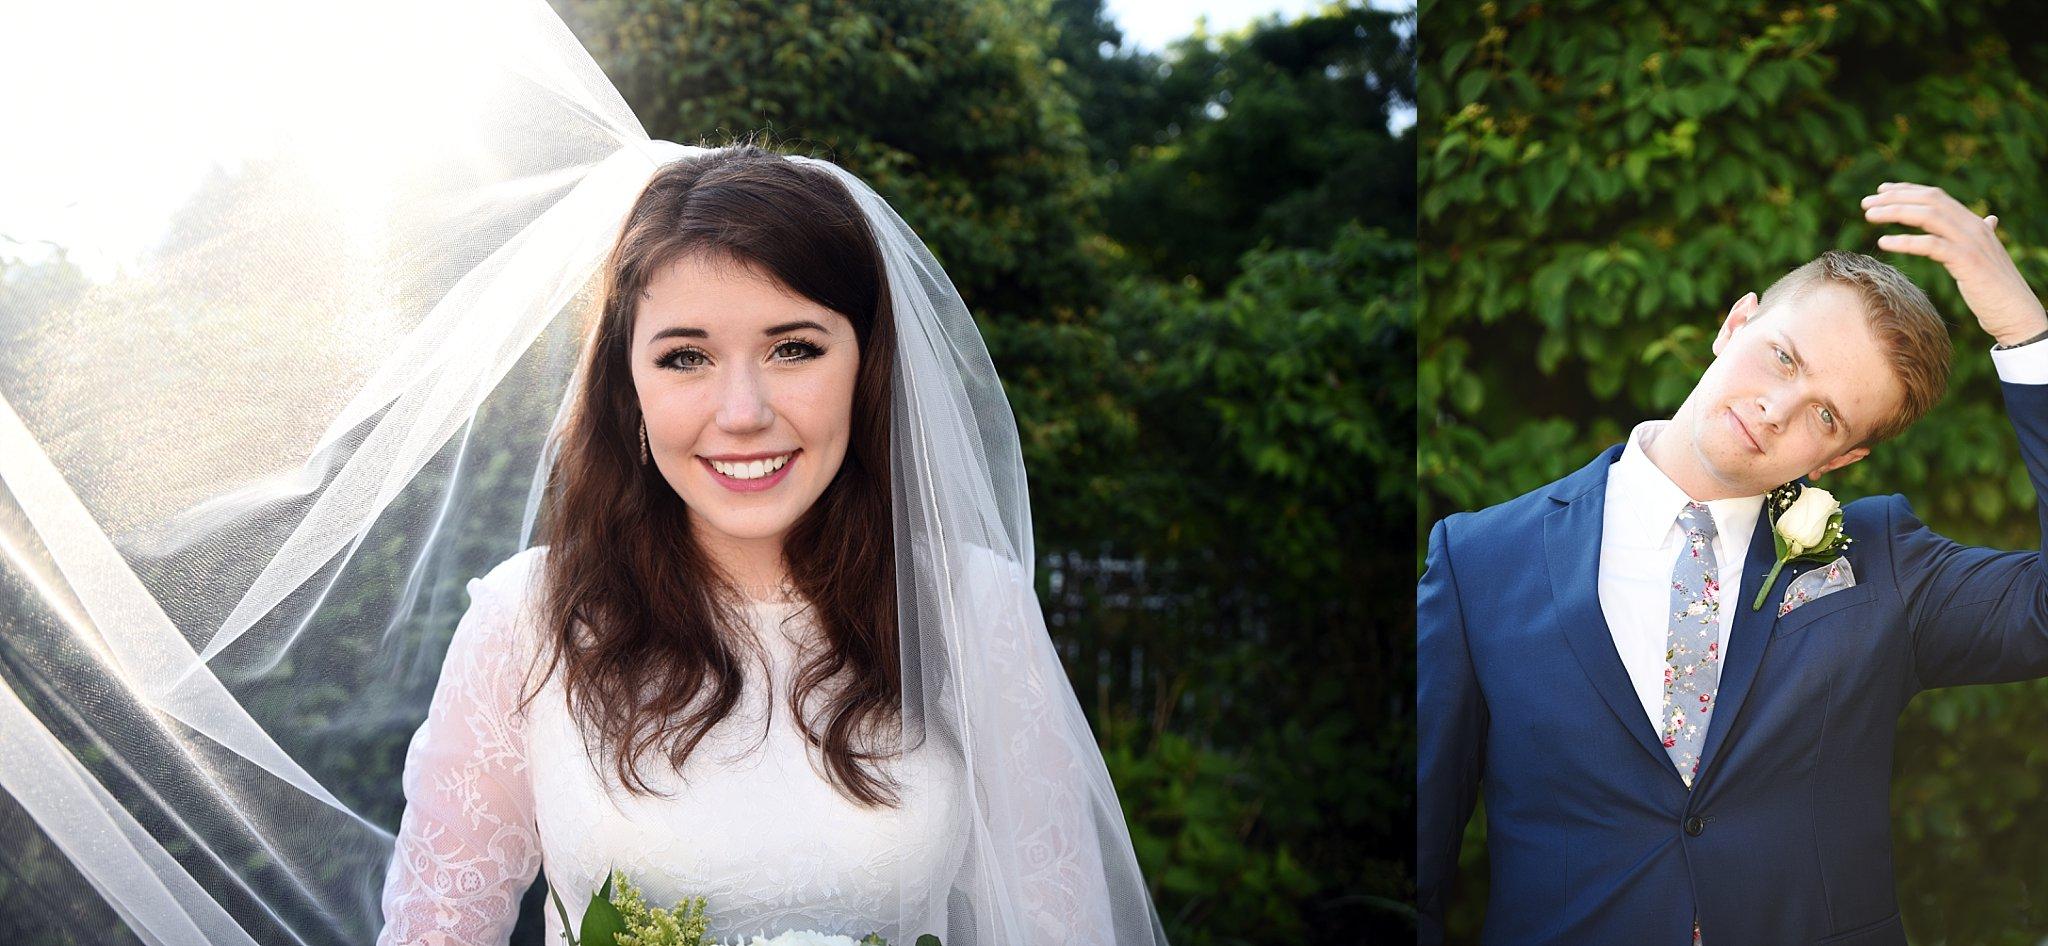 Lexington-kentucky-engagement-photographer_0101.jpg